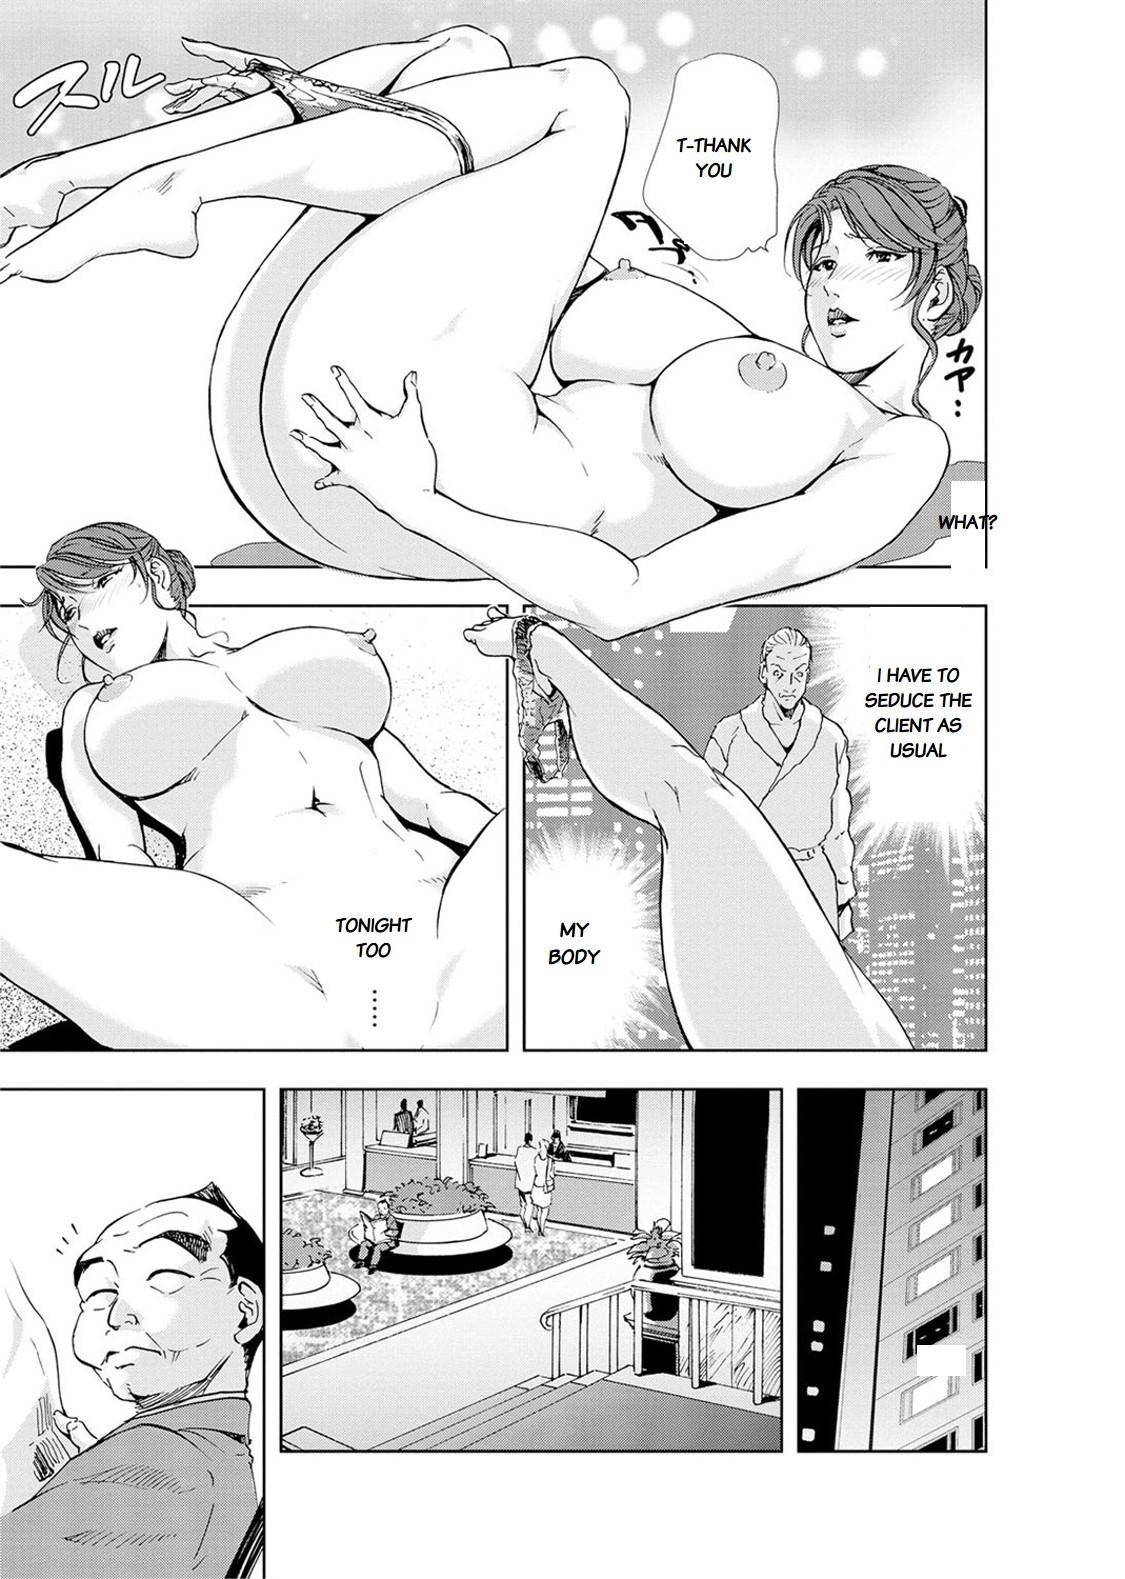 Nikuhisyo Yukiko chapter 20 2